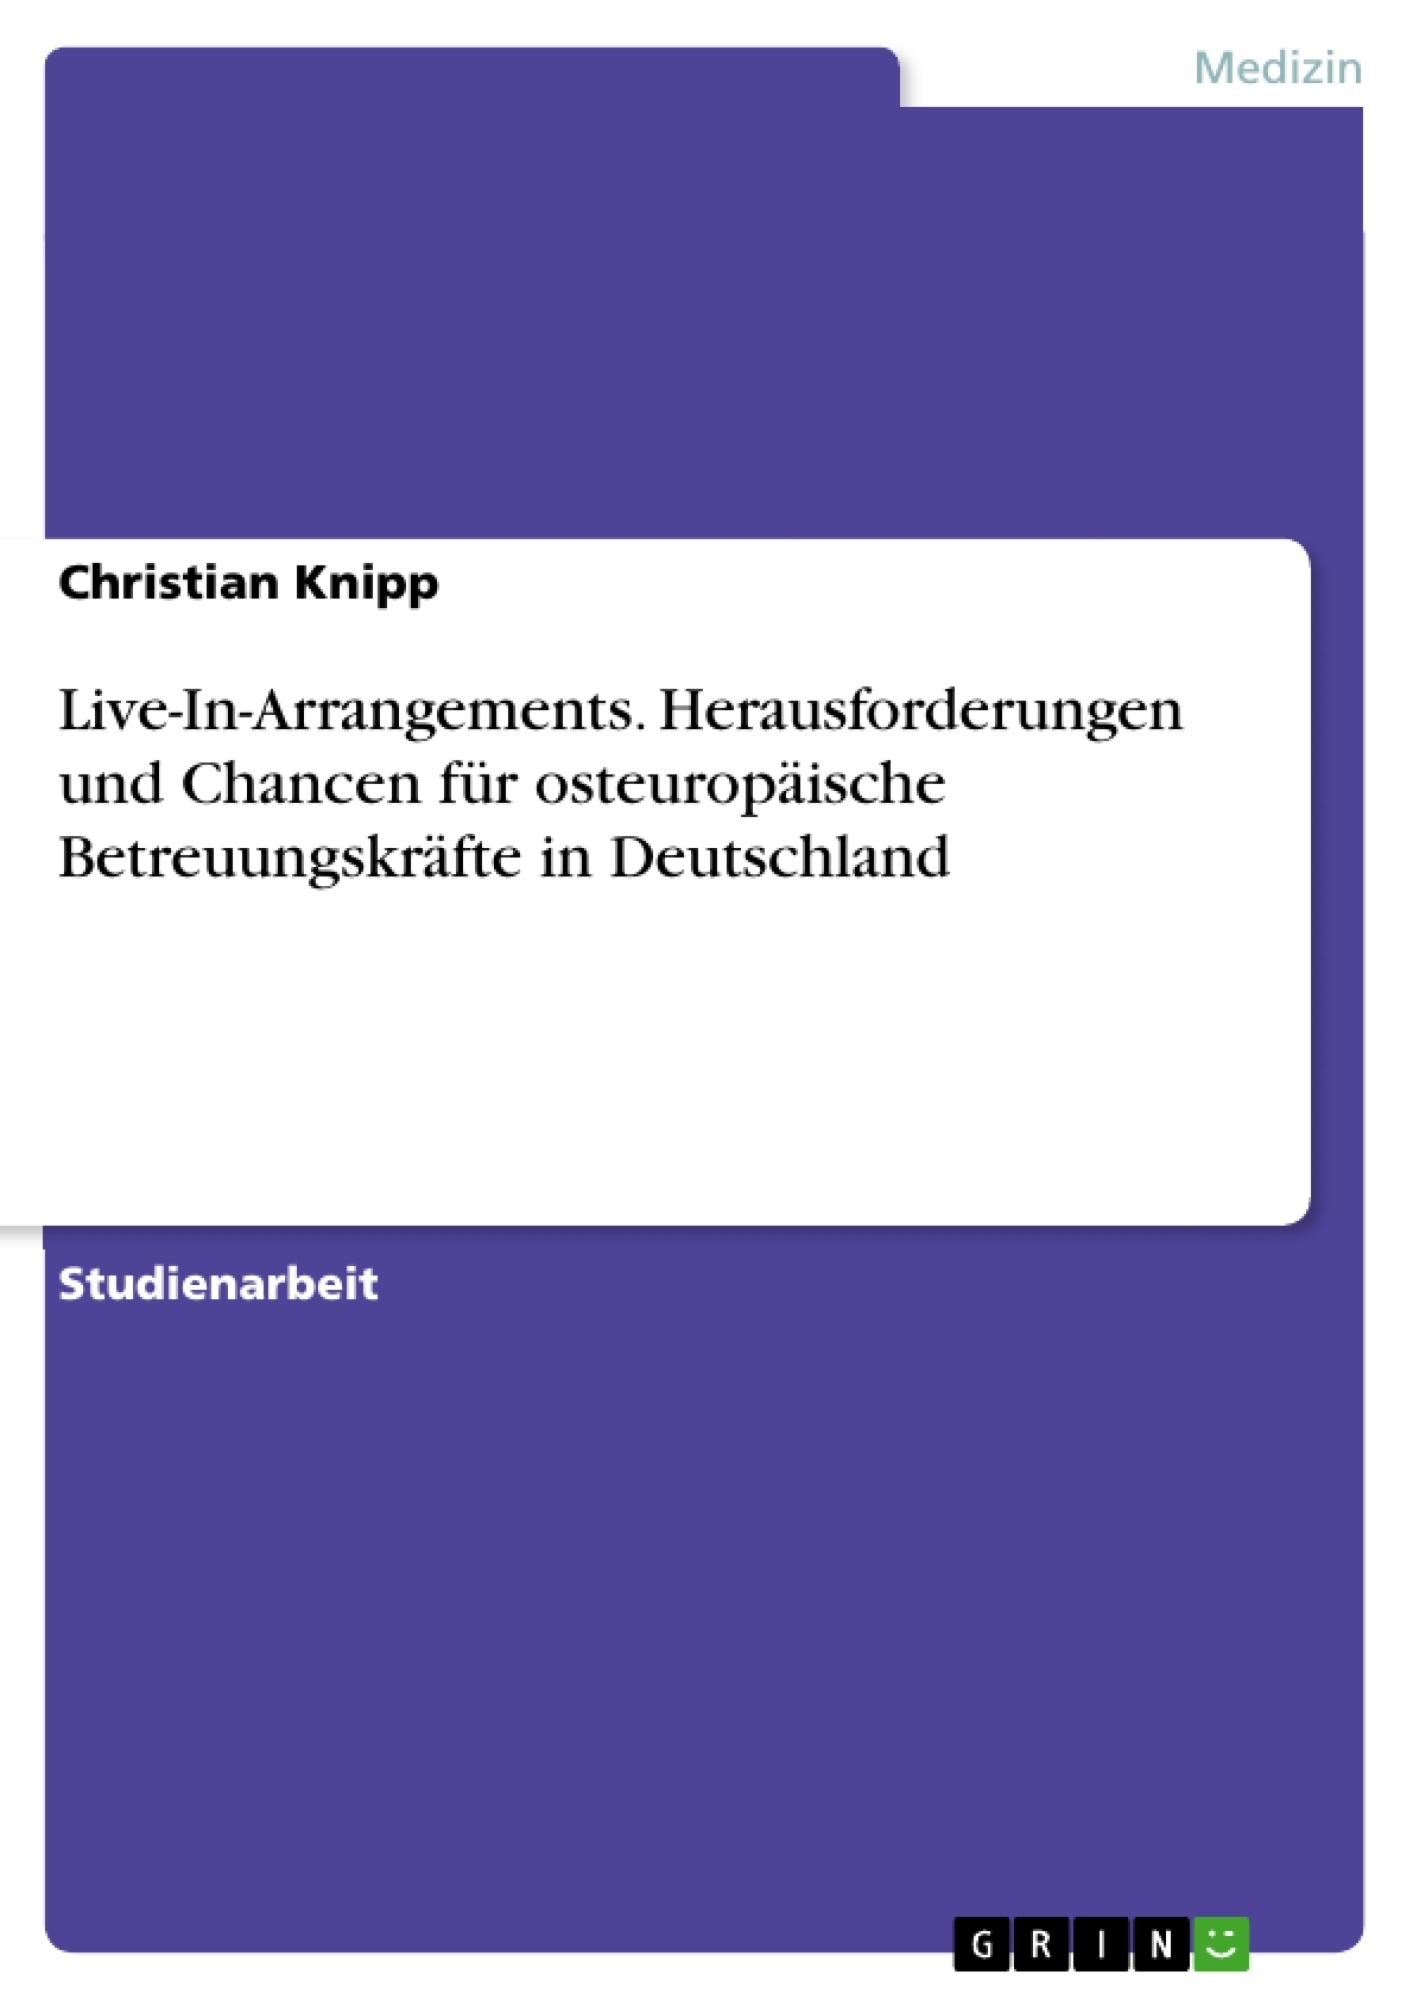 Titel: Live-In-Arrangements. Herausforderungen und Chancen für osteuropäische Betreuungskräfte in Deutschland